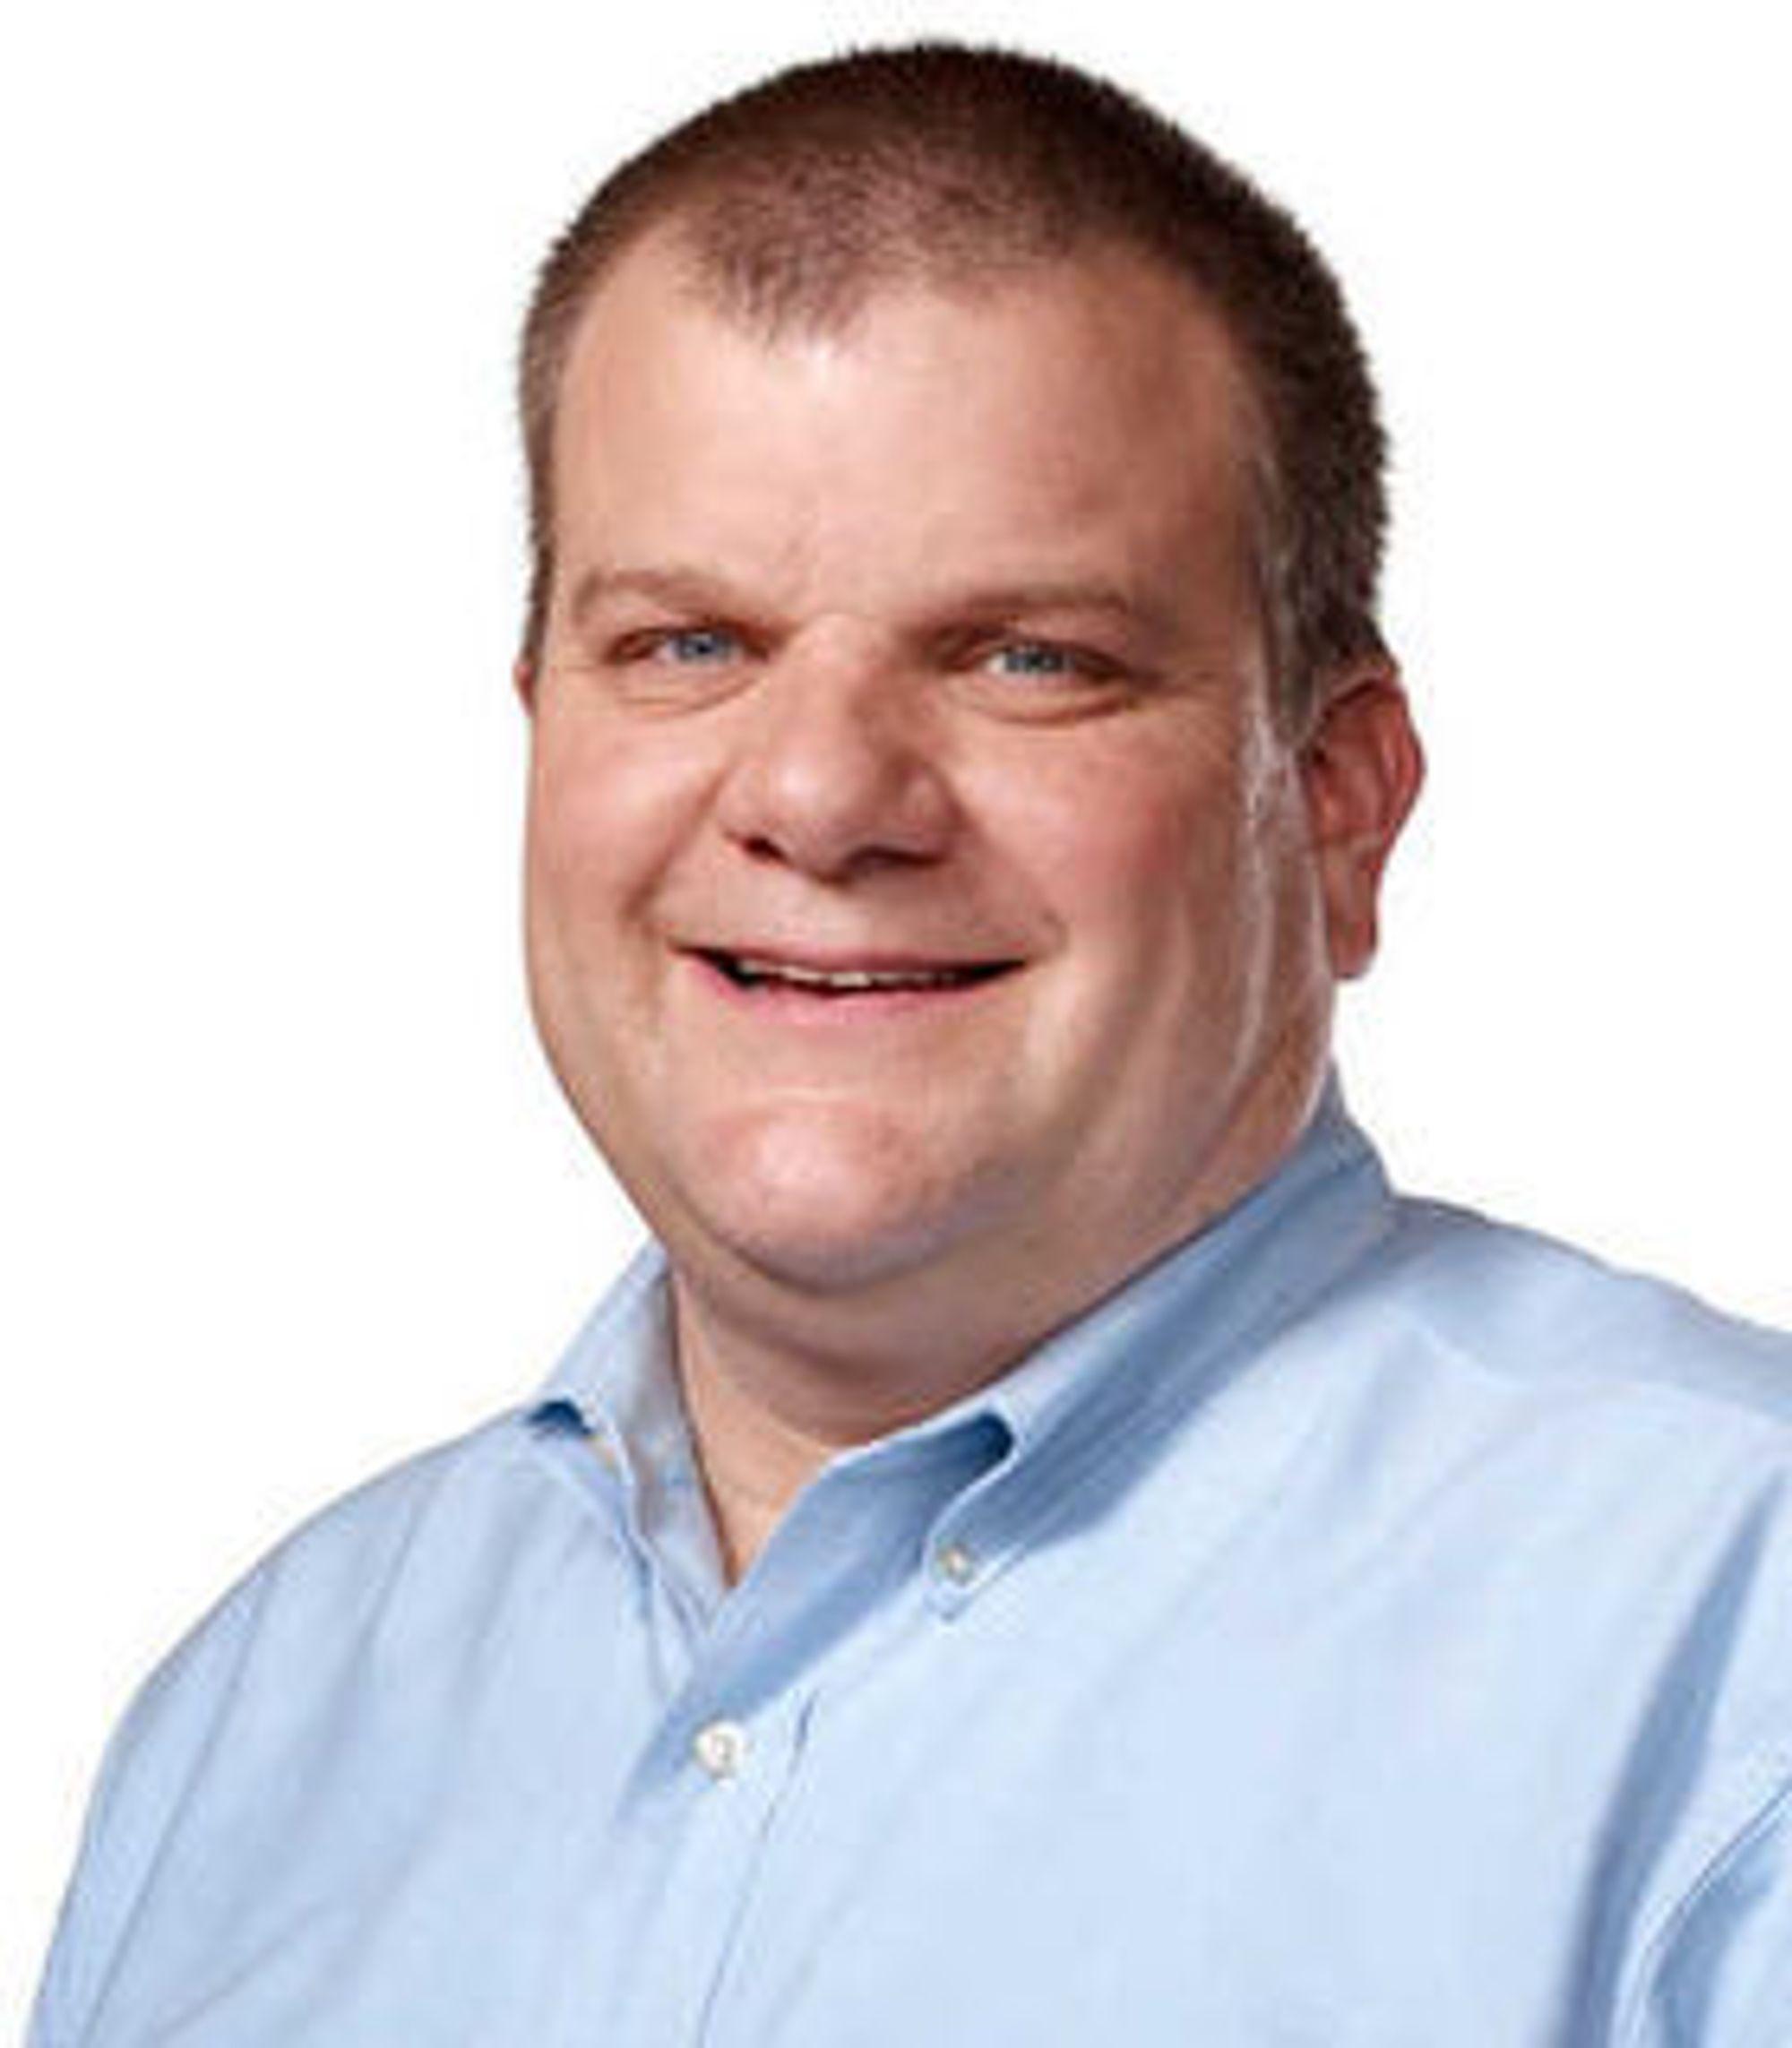 Bob Mansfield fikk 2 millioner dollar i måneden for å komme tilbake til Apple i fjor høst. Nå er han ute av toppledelsen i selskapet.